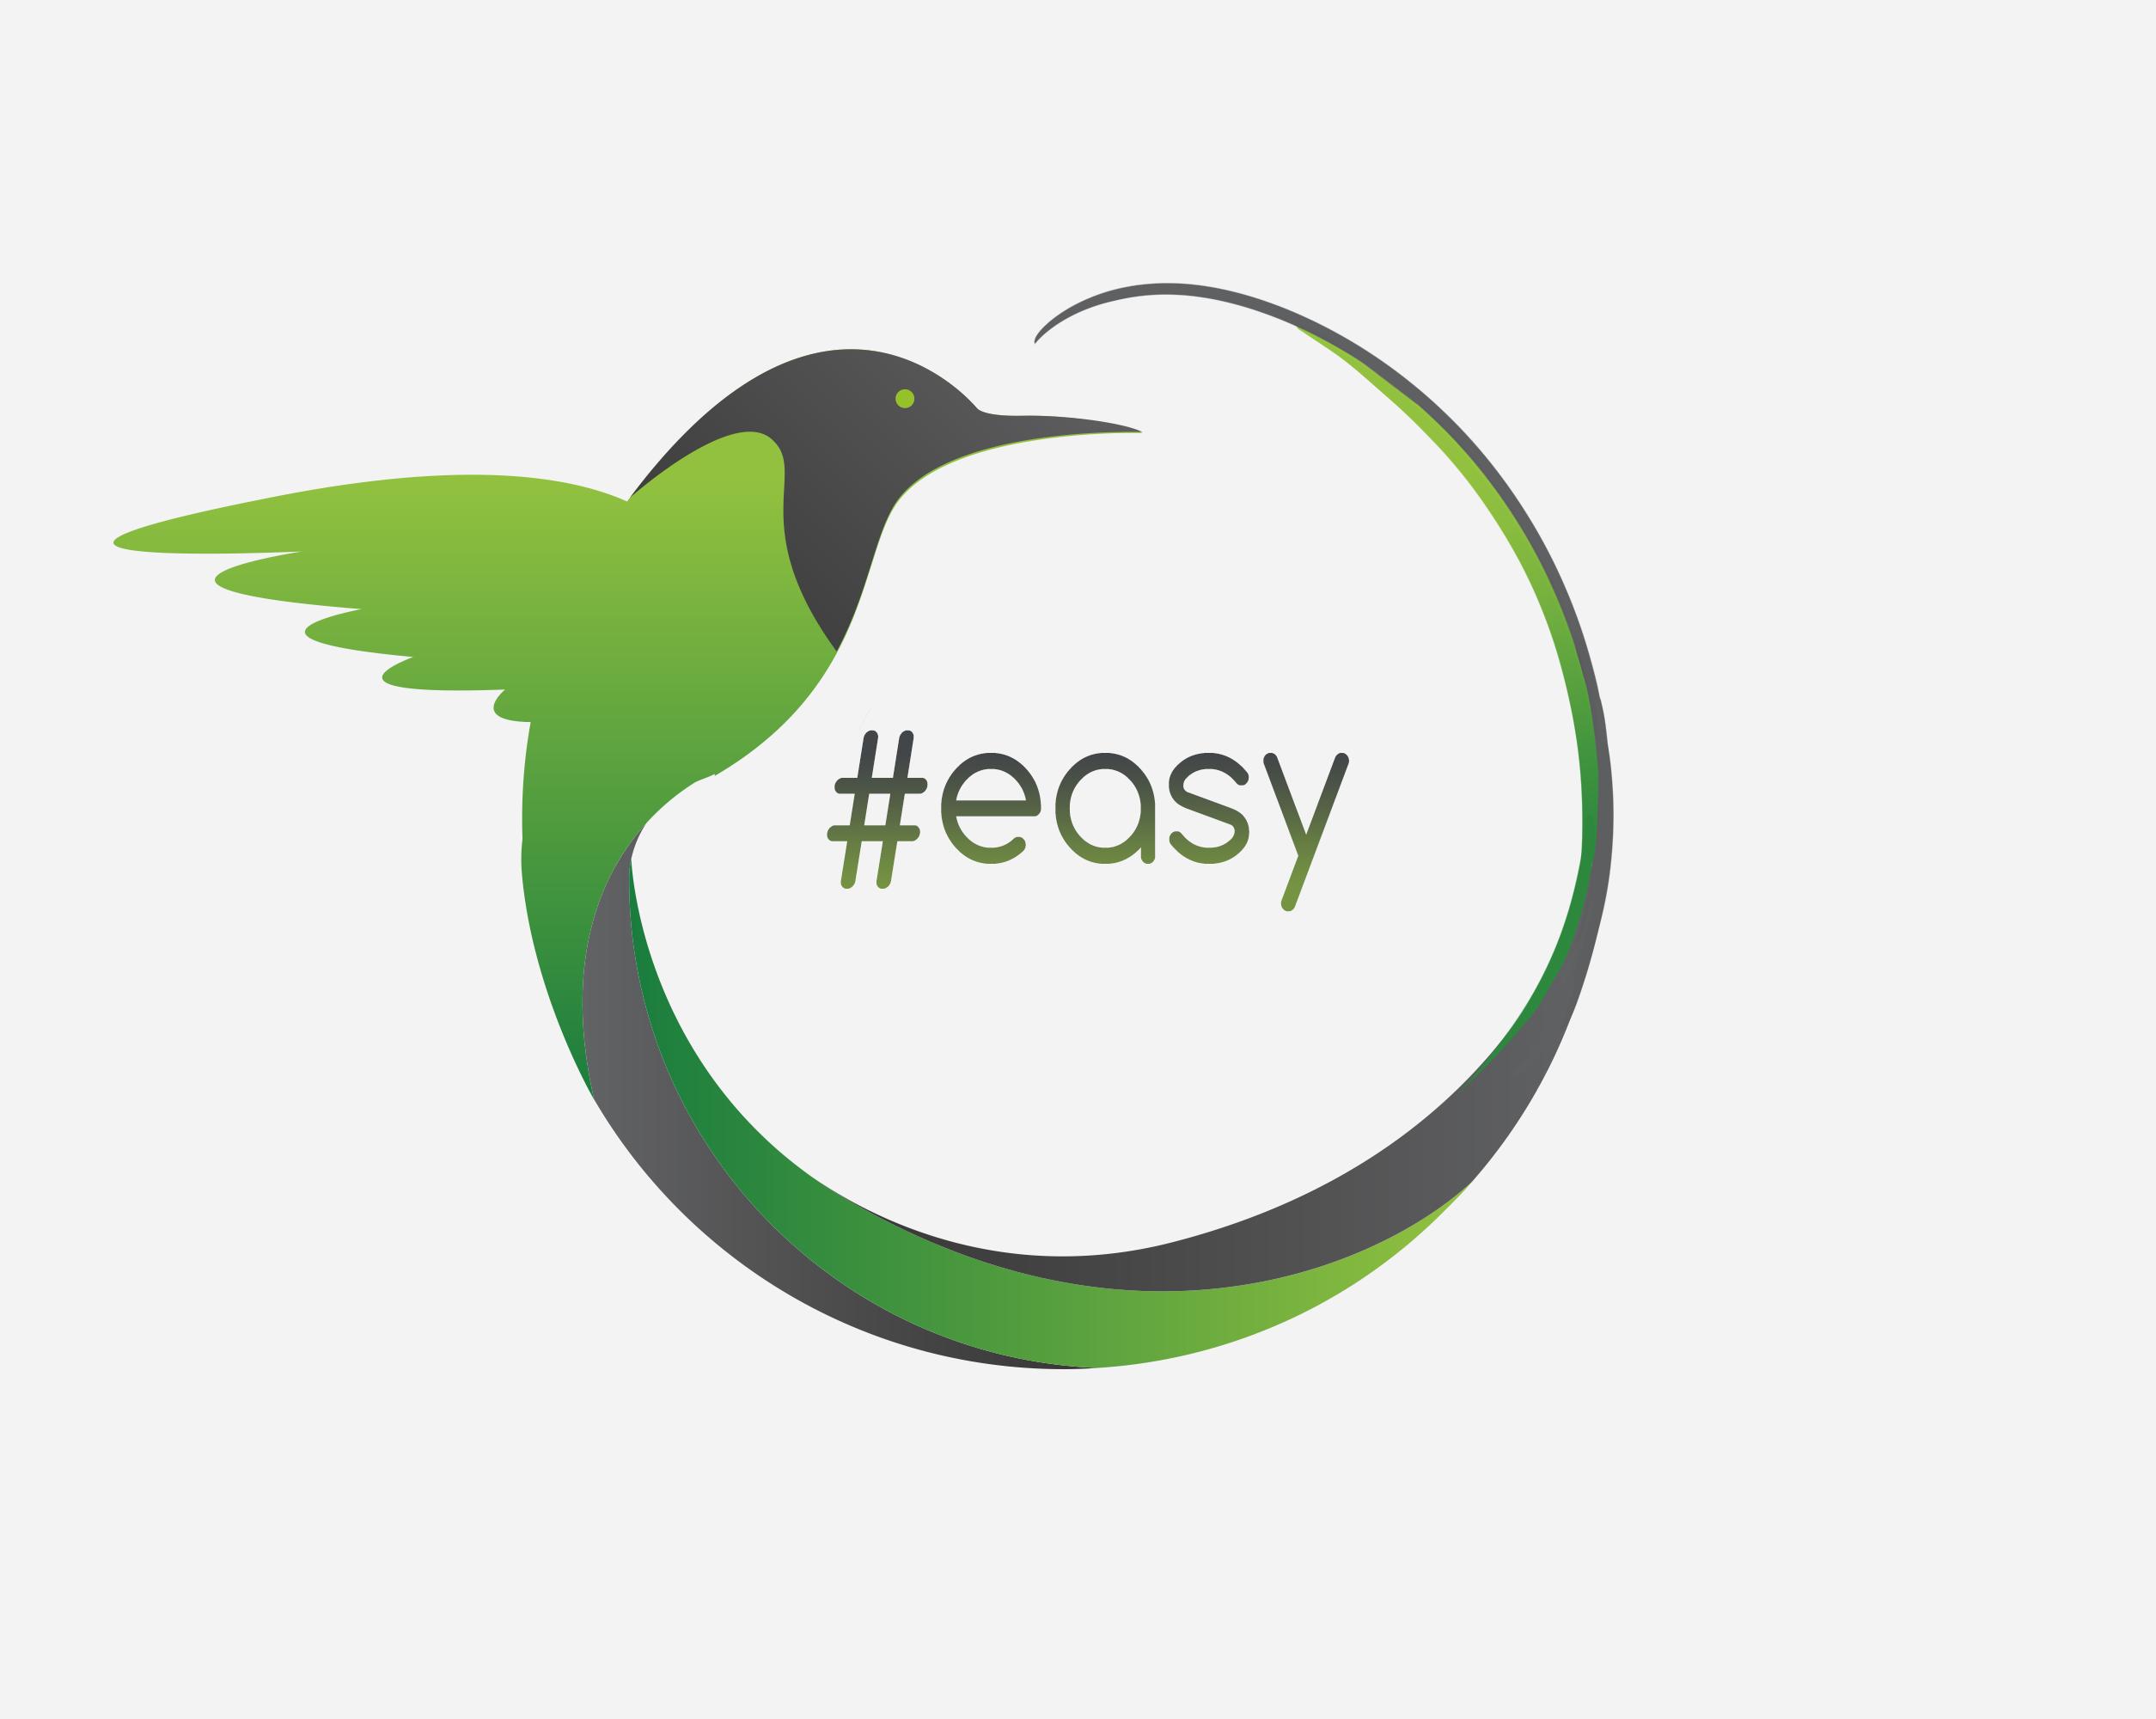 Разработка логотипа в виде хэштега #easy с зеленой колибри  фото f_1375d4d76d14673b.png